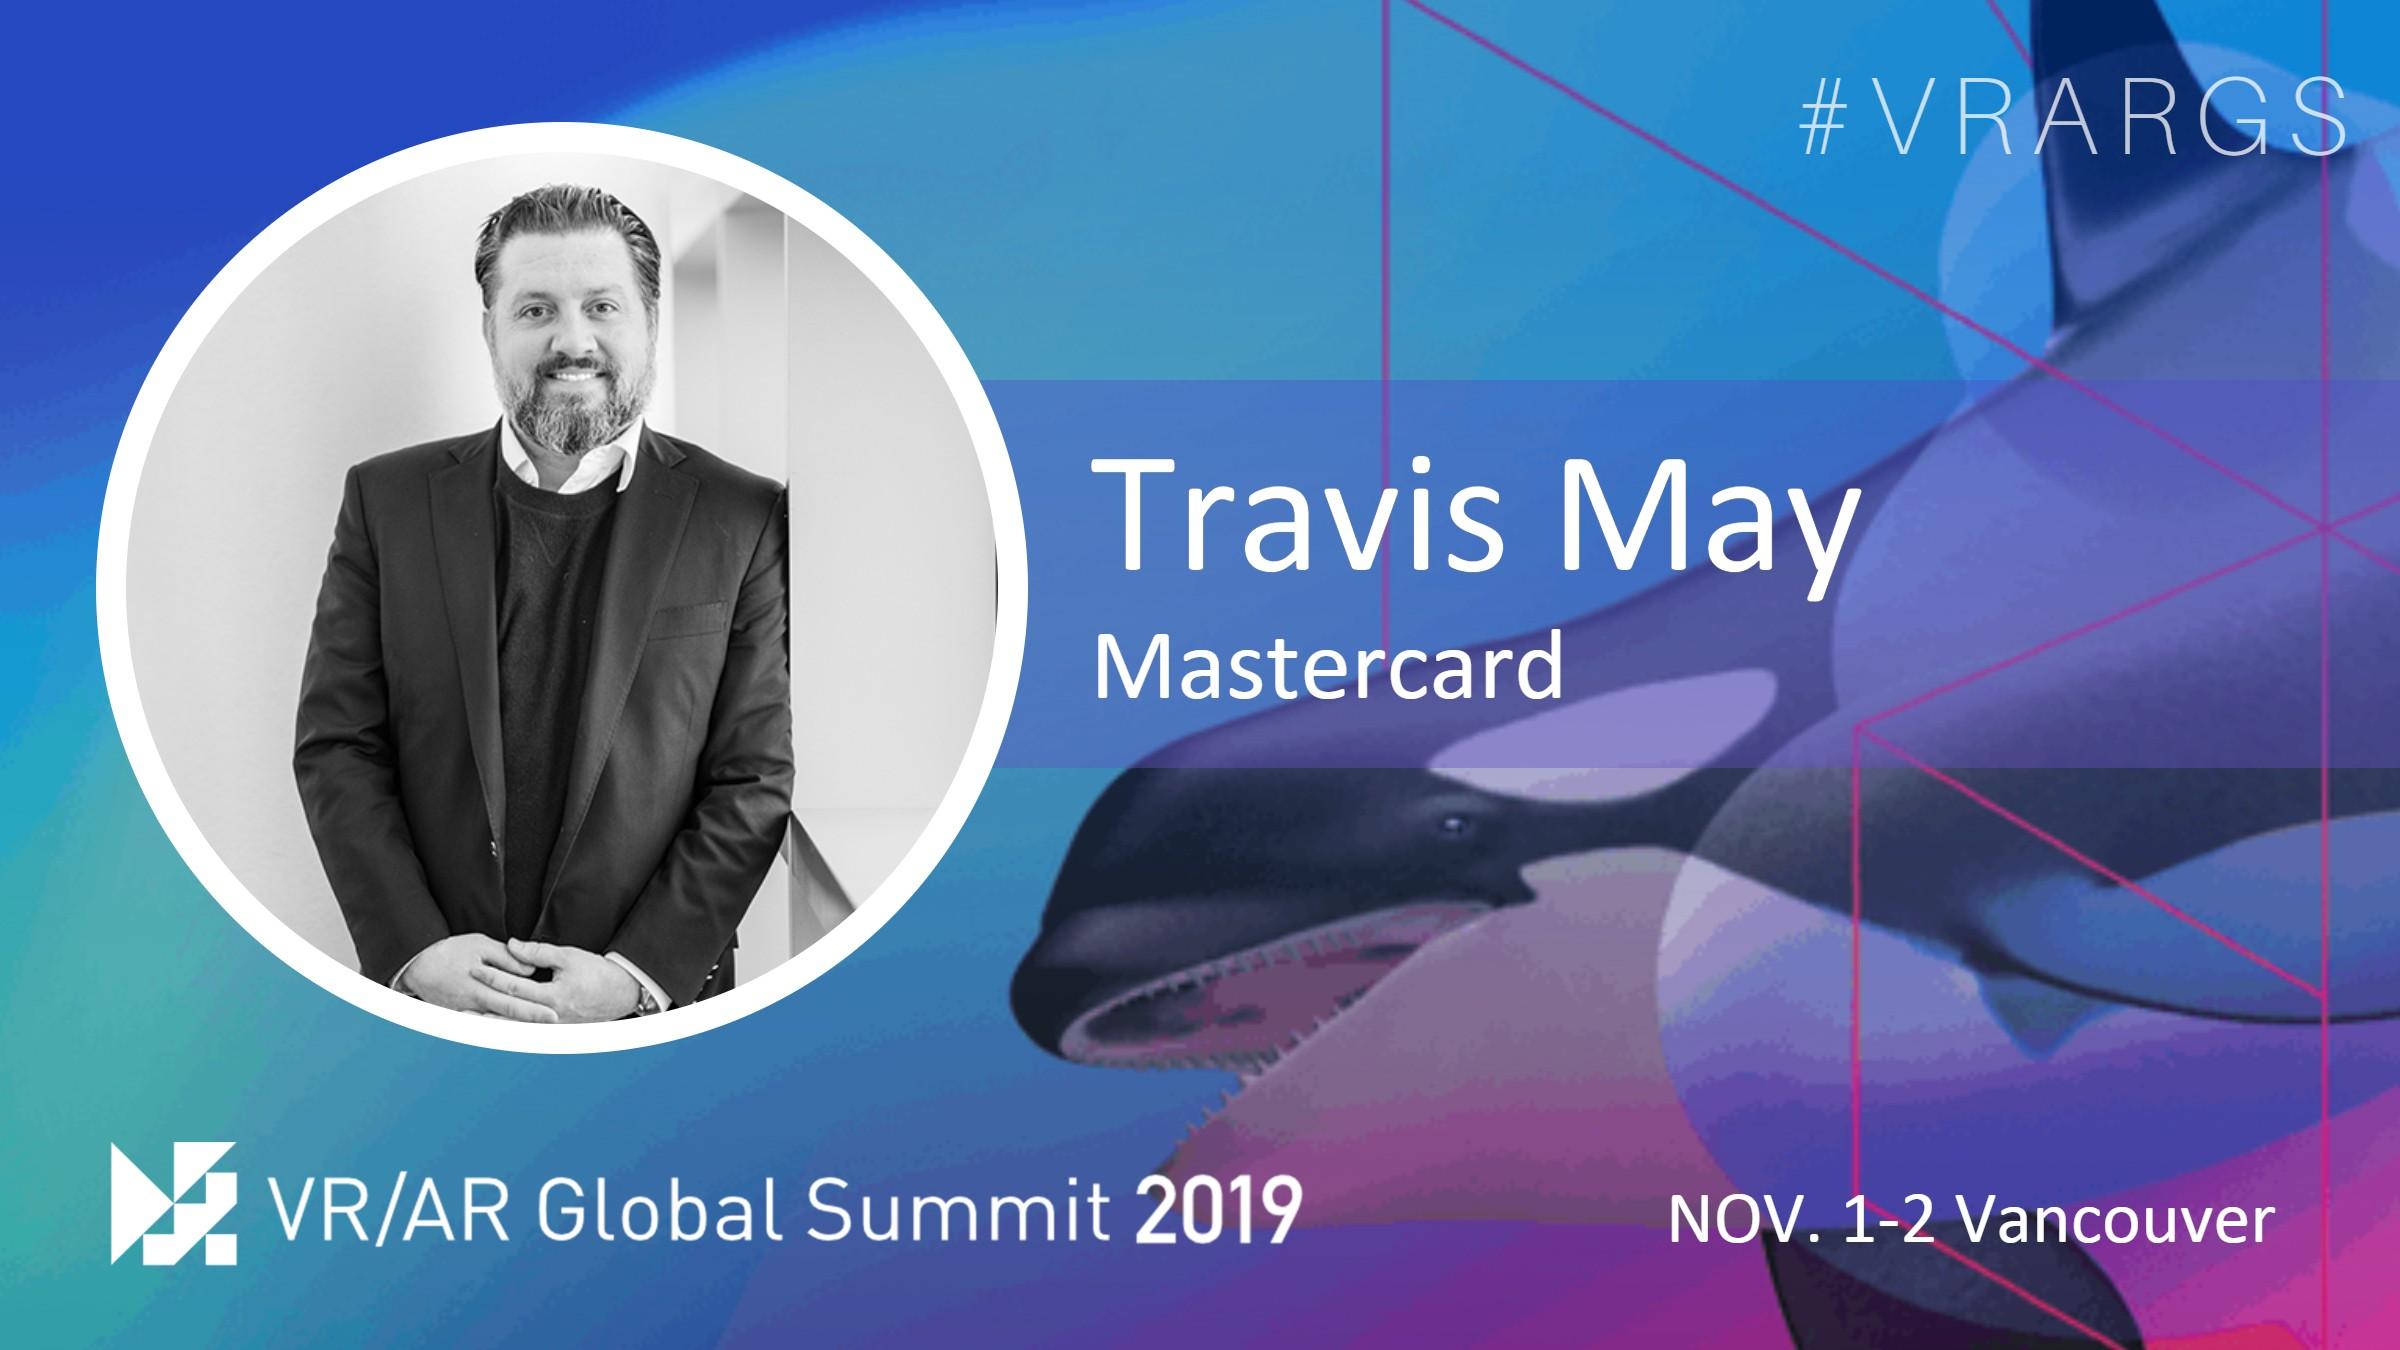 HighRes-Travis-May-Mastercard-VRARGS-VRAR-Global-Summit-Spatial-Computing-Vancouver-Women-In-XR.jpg